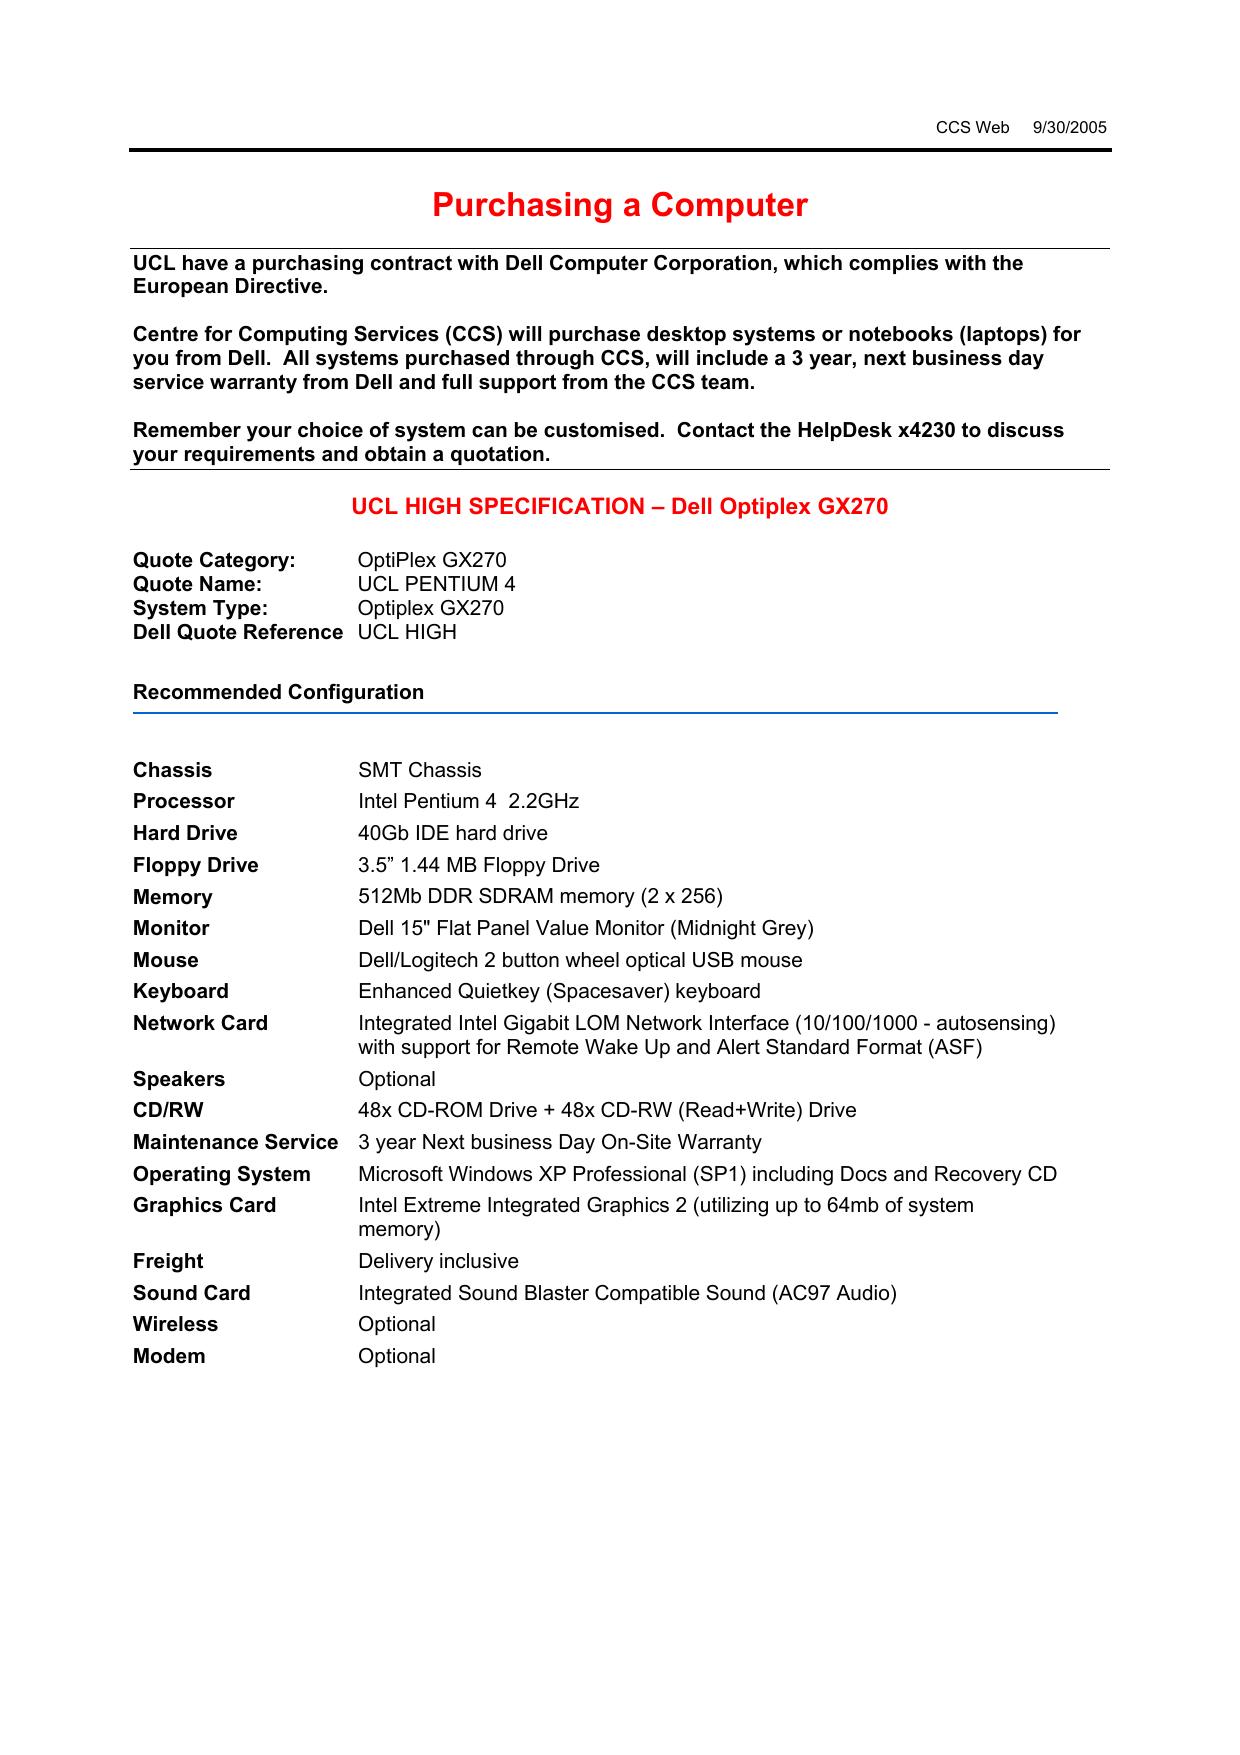 DRIVER UPDATE: GX270 GIGABIT LOM